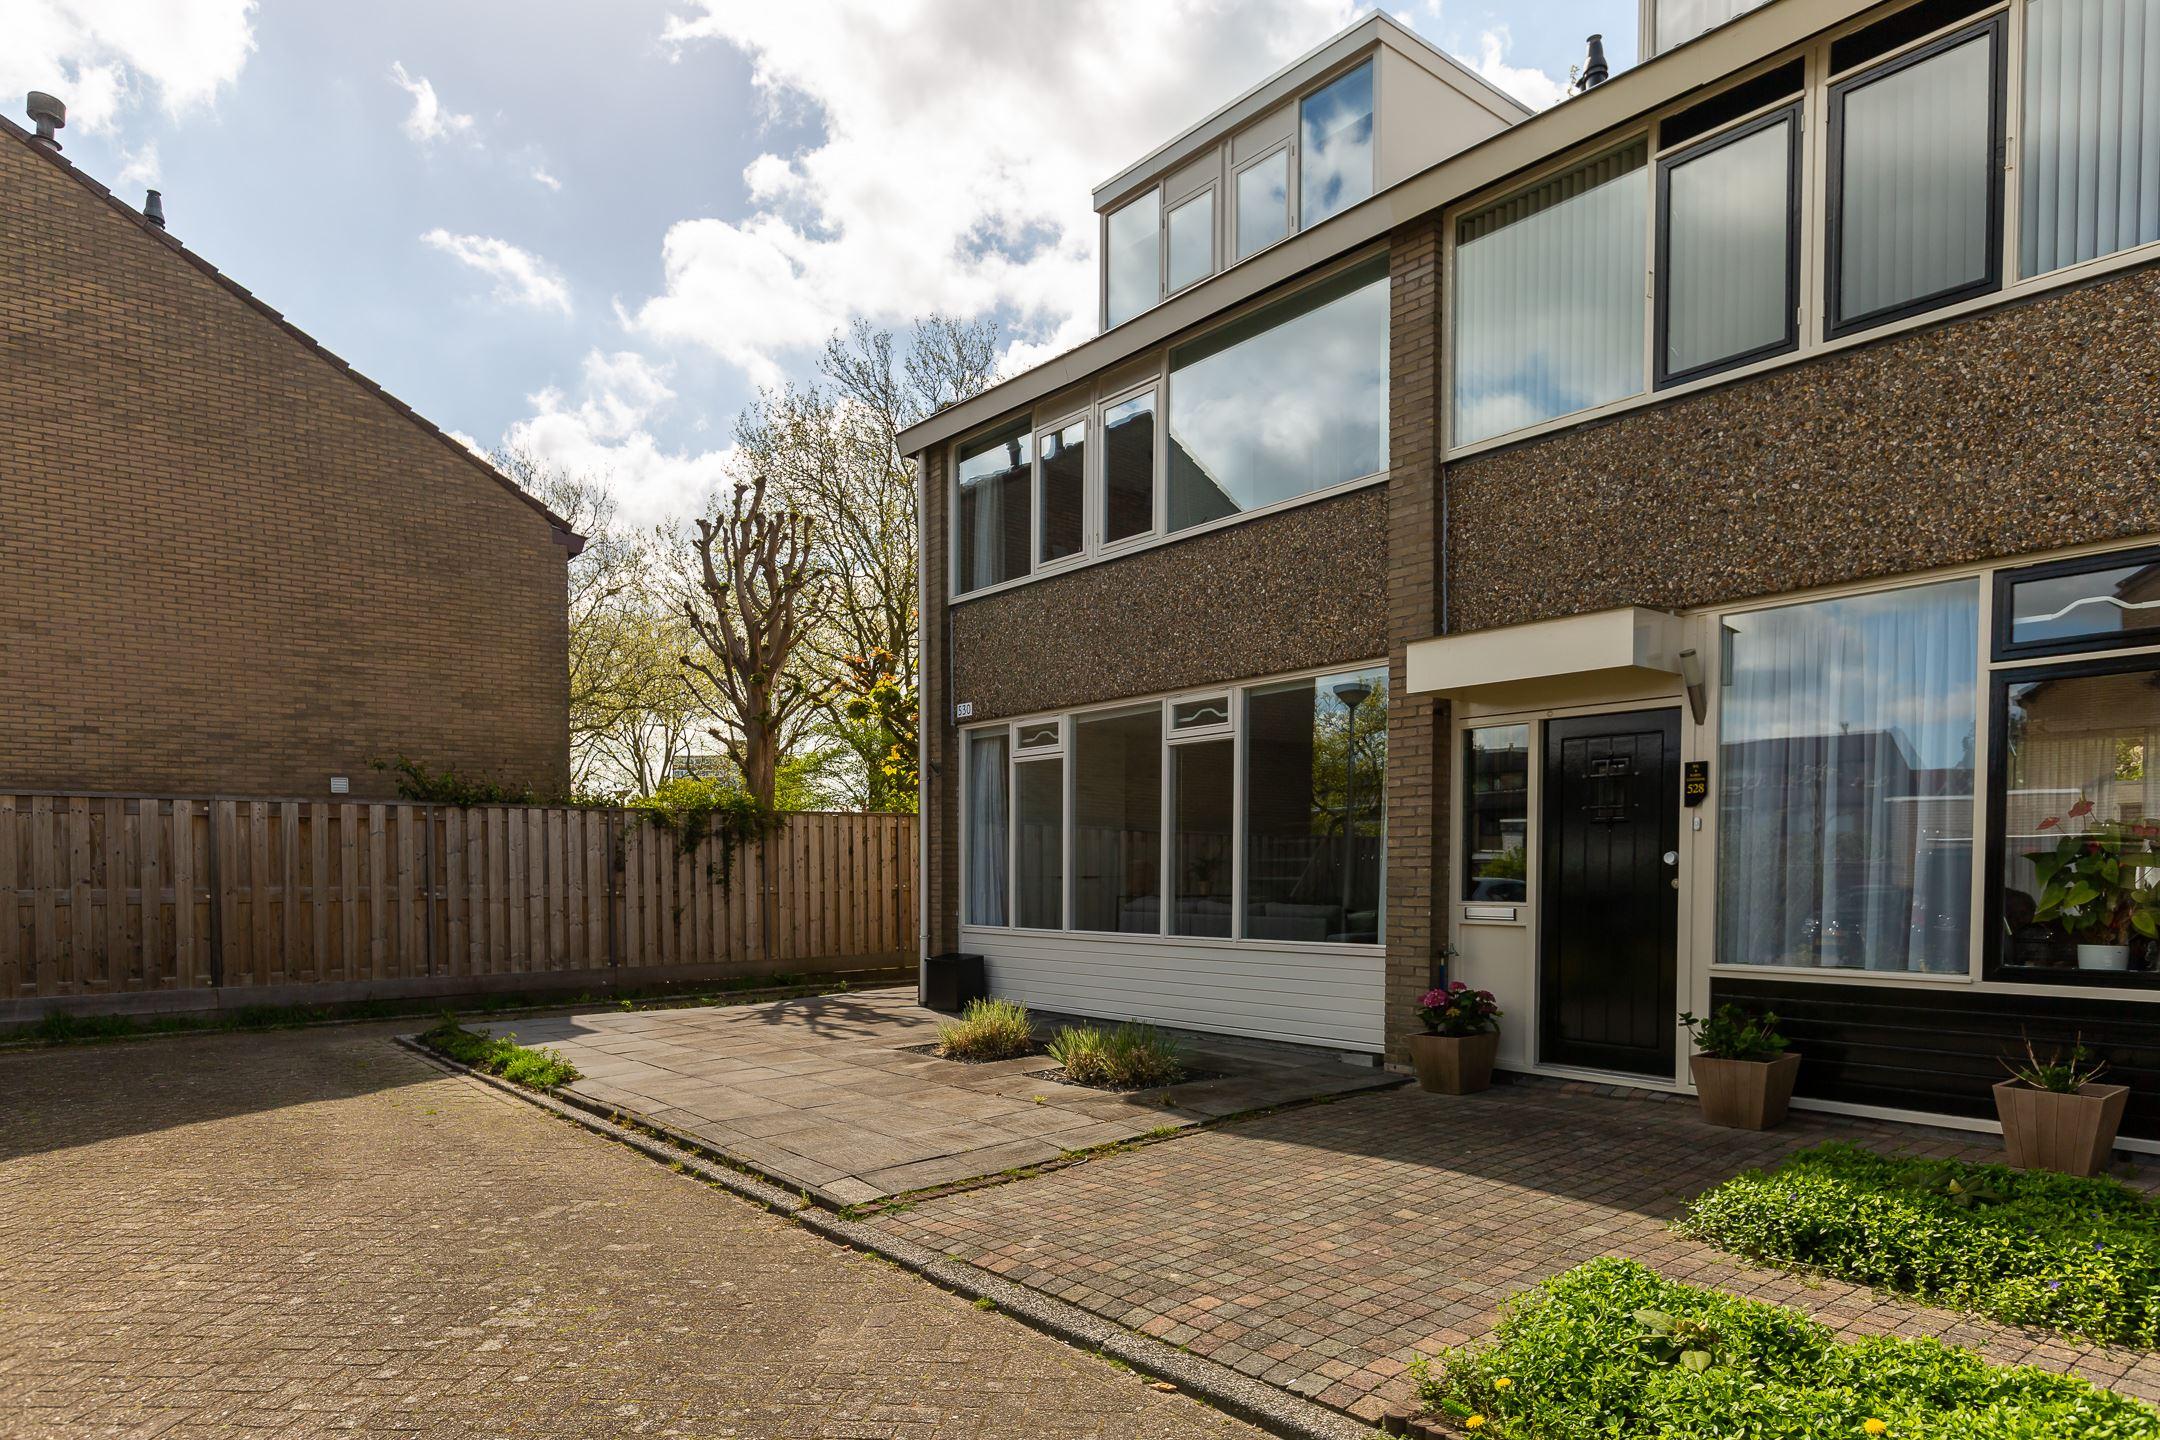 Zeer ruime en luxe hoekwoning met met tuin op het zuiden. Deze hoekwoning is gelegen op een leuke locatie in de kindvriendelijke woonwijk de Ridderbuurt.